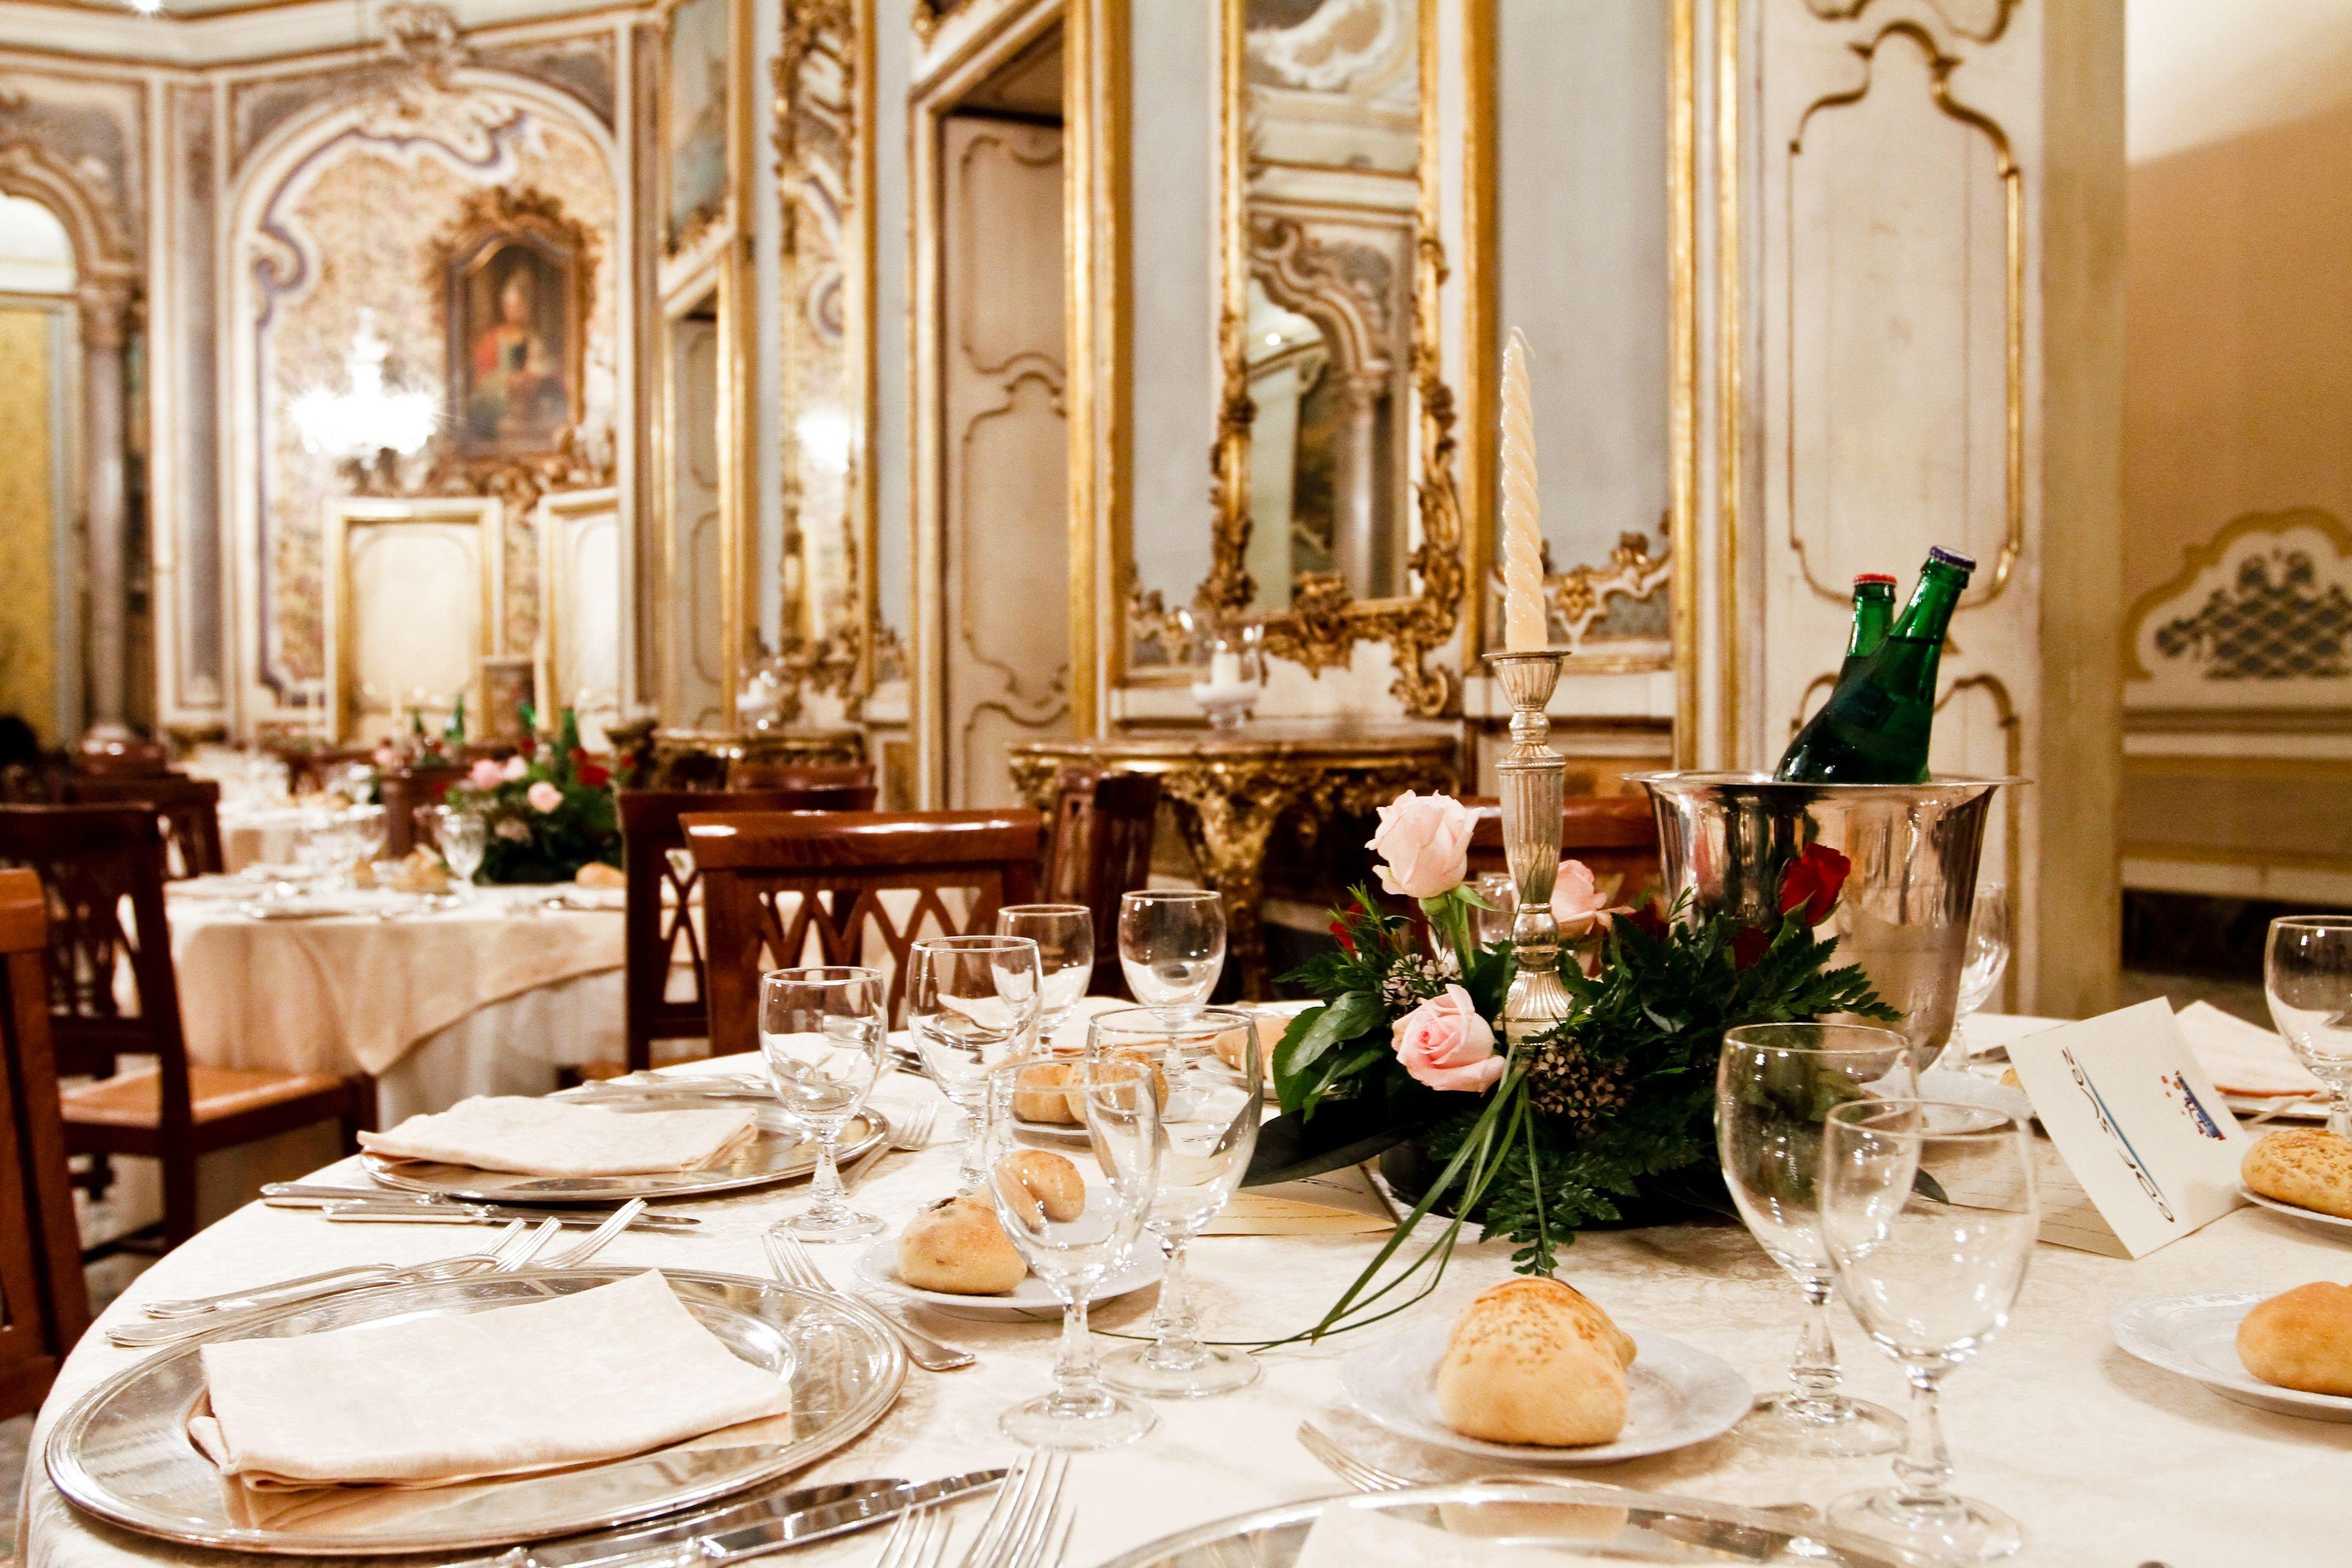 Wedding Venues - Baroque Wedding Venue In Sicily - Weddings